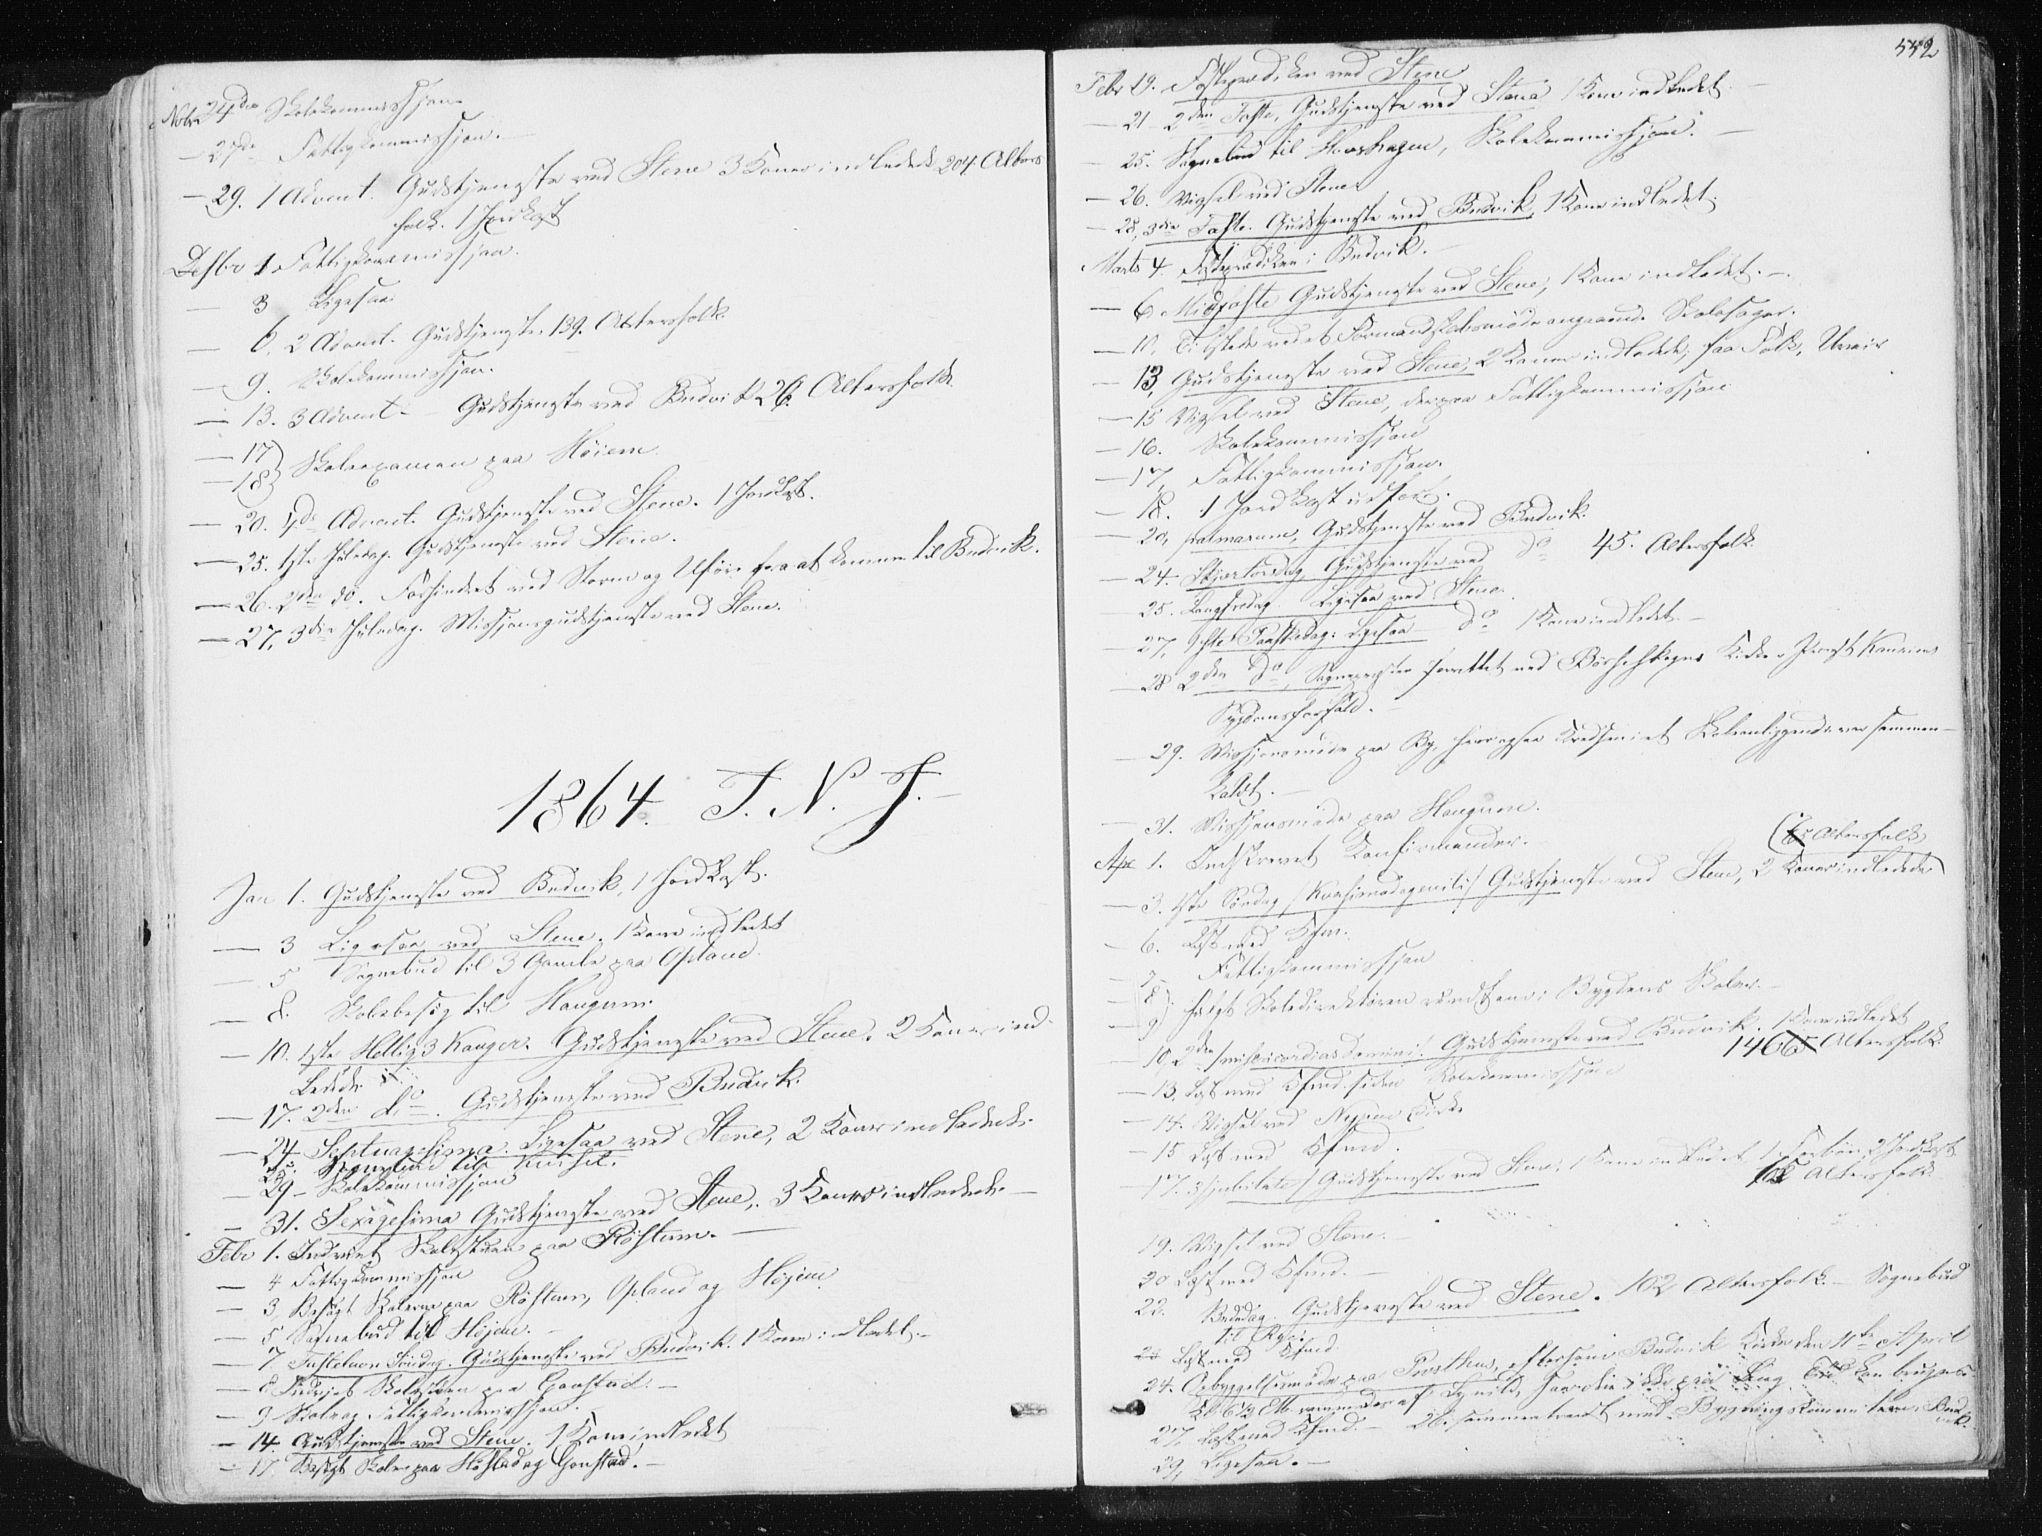 SAT, Ministerialprotokoller, klokkerbøker og fødselsregistre - Sør-Trøndelag, 612/L0377: Ministerialbok nr. 612A09, 1859-1877, s. 552